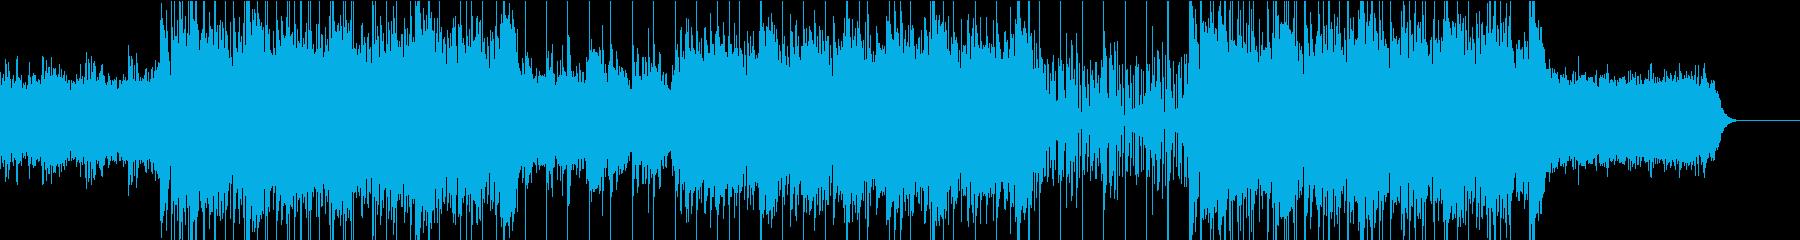 エレクトロの再生済みの波形